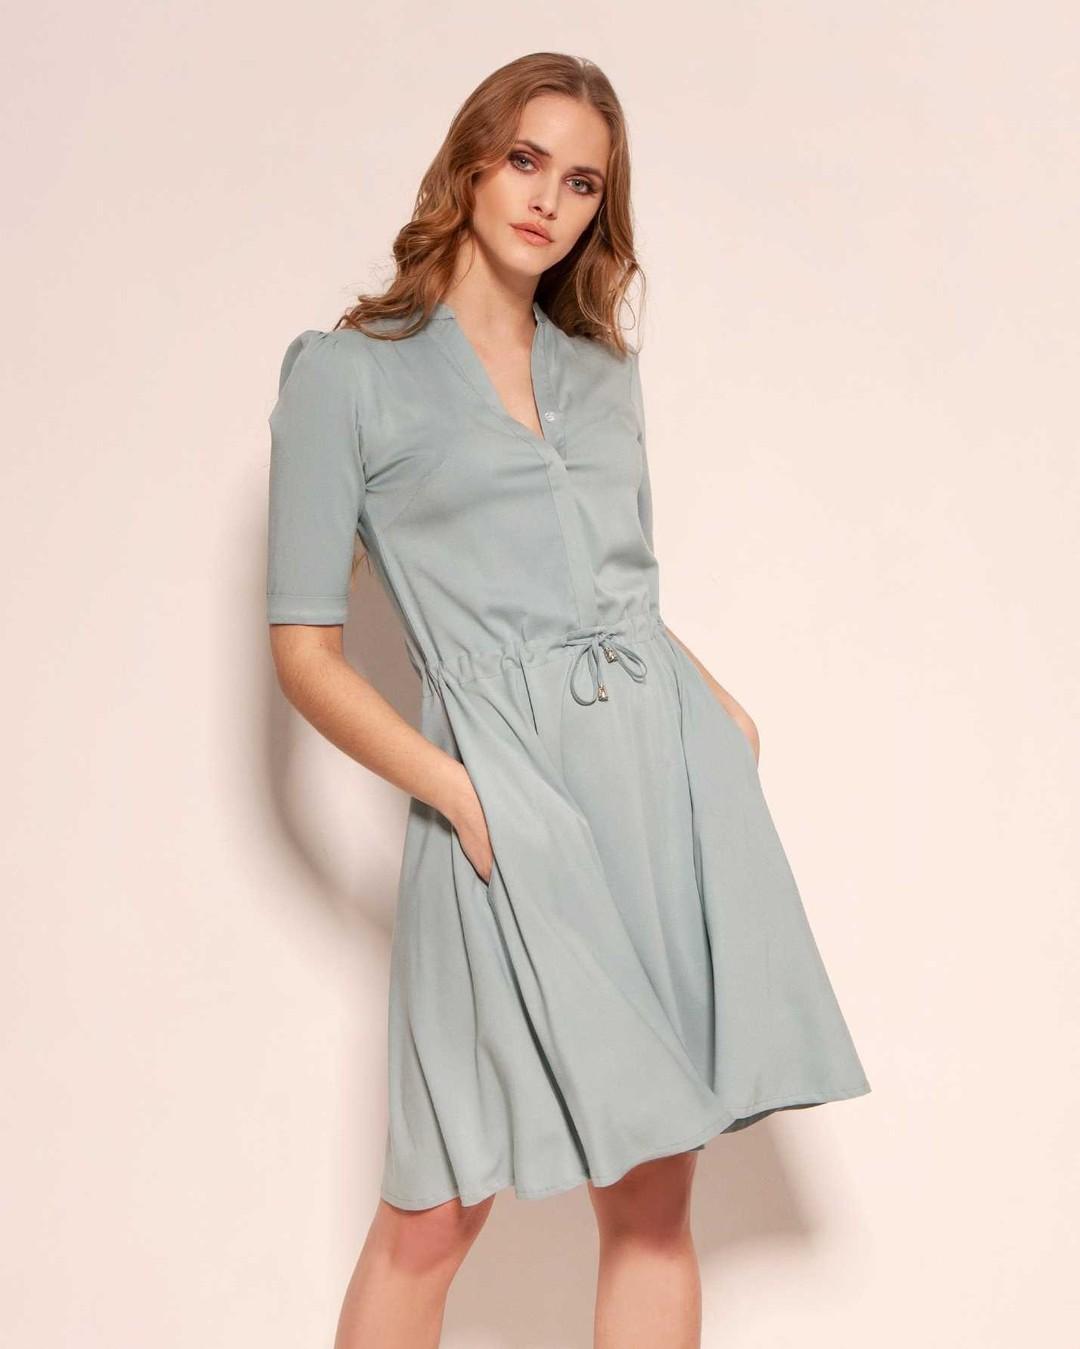 Nasz niekwestionowany bestseller teraz w wersji wiosenno-letniej. Sukienka z rozkloszowanym dołem, krytymi guzikami i delikatną stójką, uszyta z miękkiej wiskozy o bardzo subtelnym, satynowym wykończeniu. Niewielki dodatek elastycznego włókna sprawia, że doskonale leży i nie krępuje ruchów. #sukienka #sukienkazwiskozy #letniasukienka #bluedress #lightdress #polishgirl #beautifulgirl #lato #air #dress #fashion #summerdress #polskadziewczyna #sukienkanacodzień #polska #selfie #moda #lovedance #style #instagood #photooftheday #letsdance #dancinglovers #sukienki #stylizacja #polishwoman #dancepose #breathe #butik #beautifuldancer